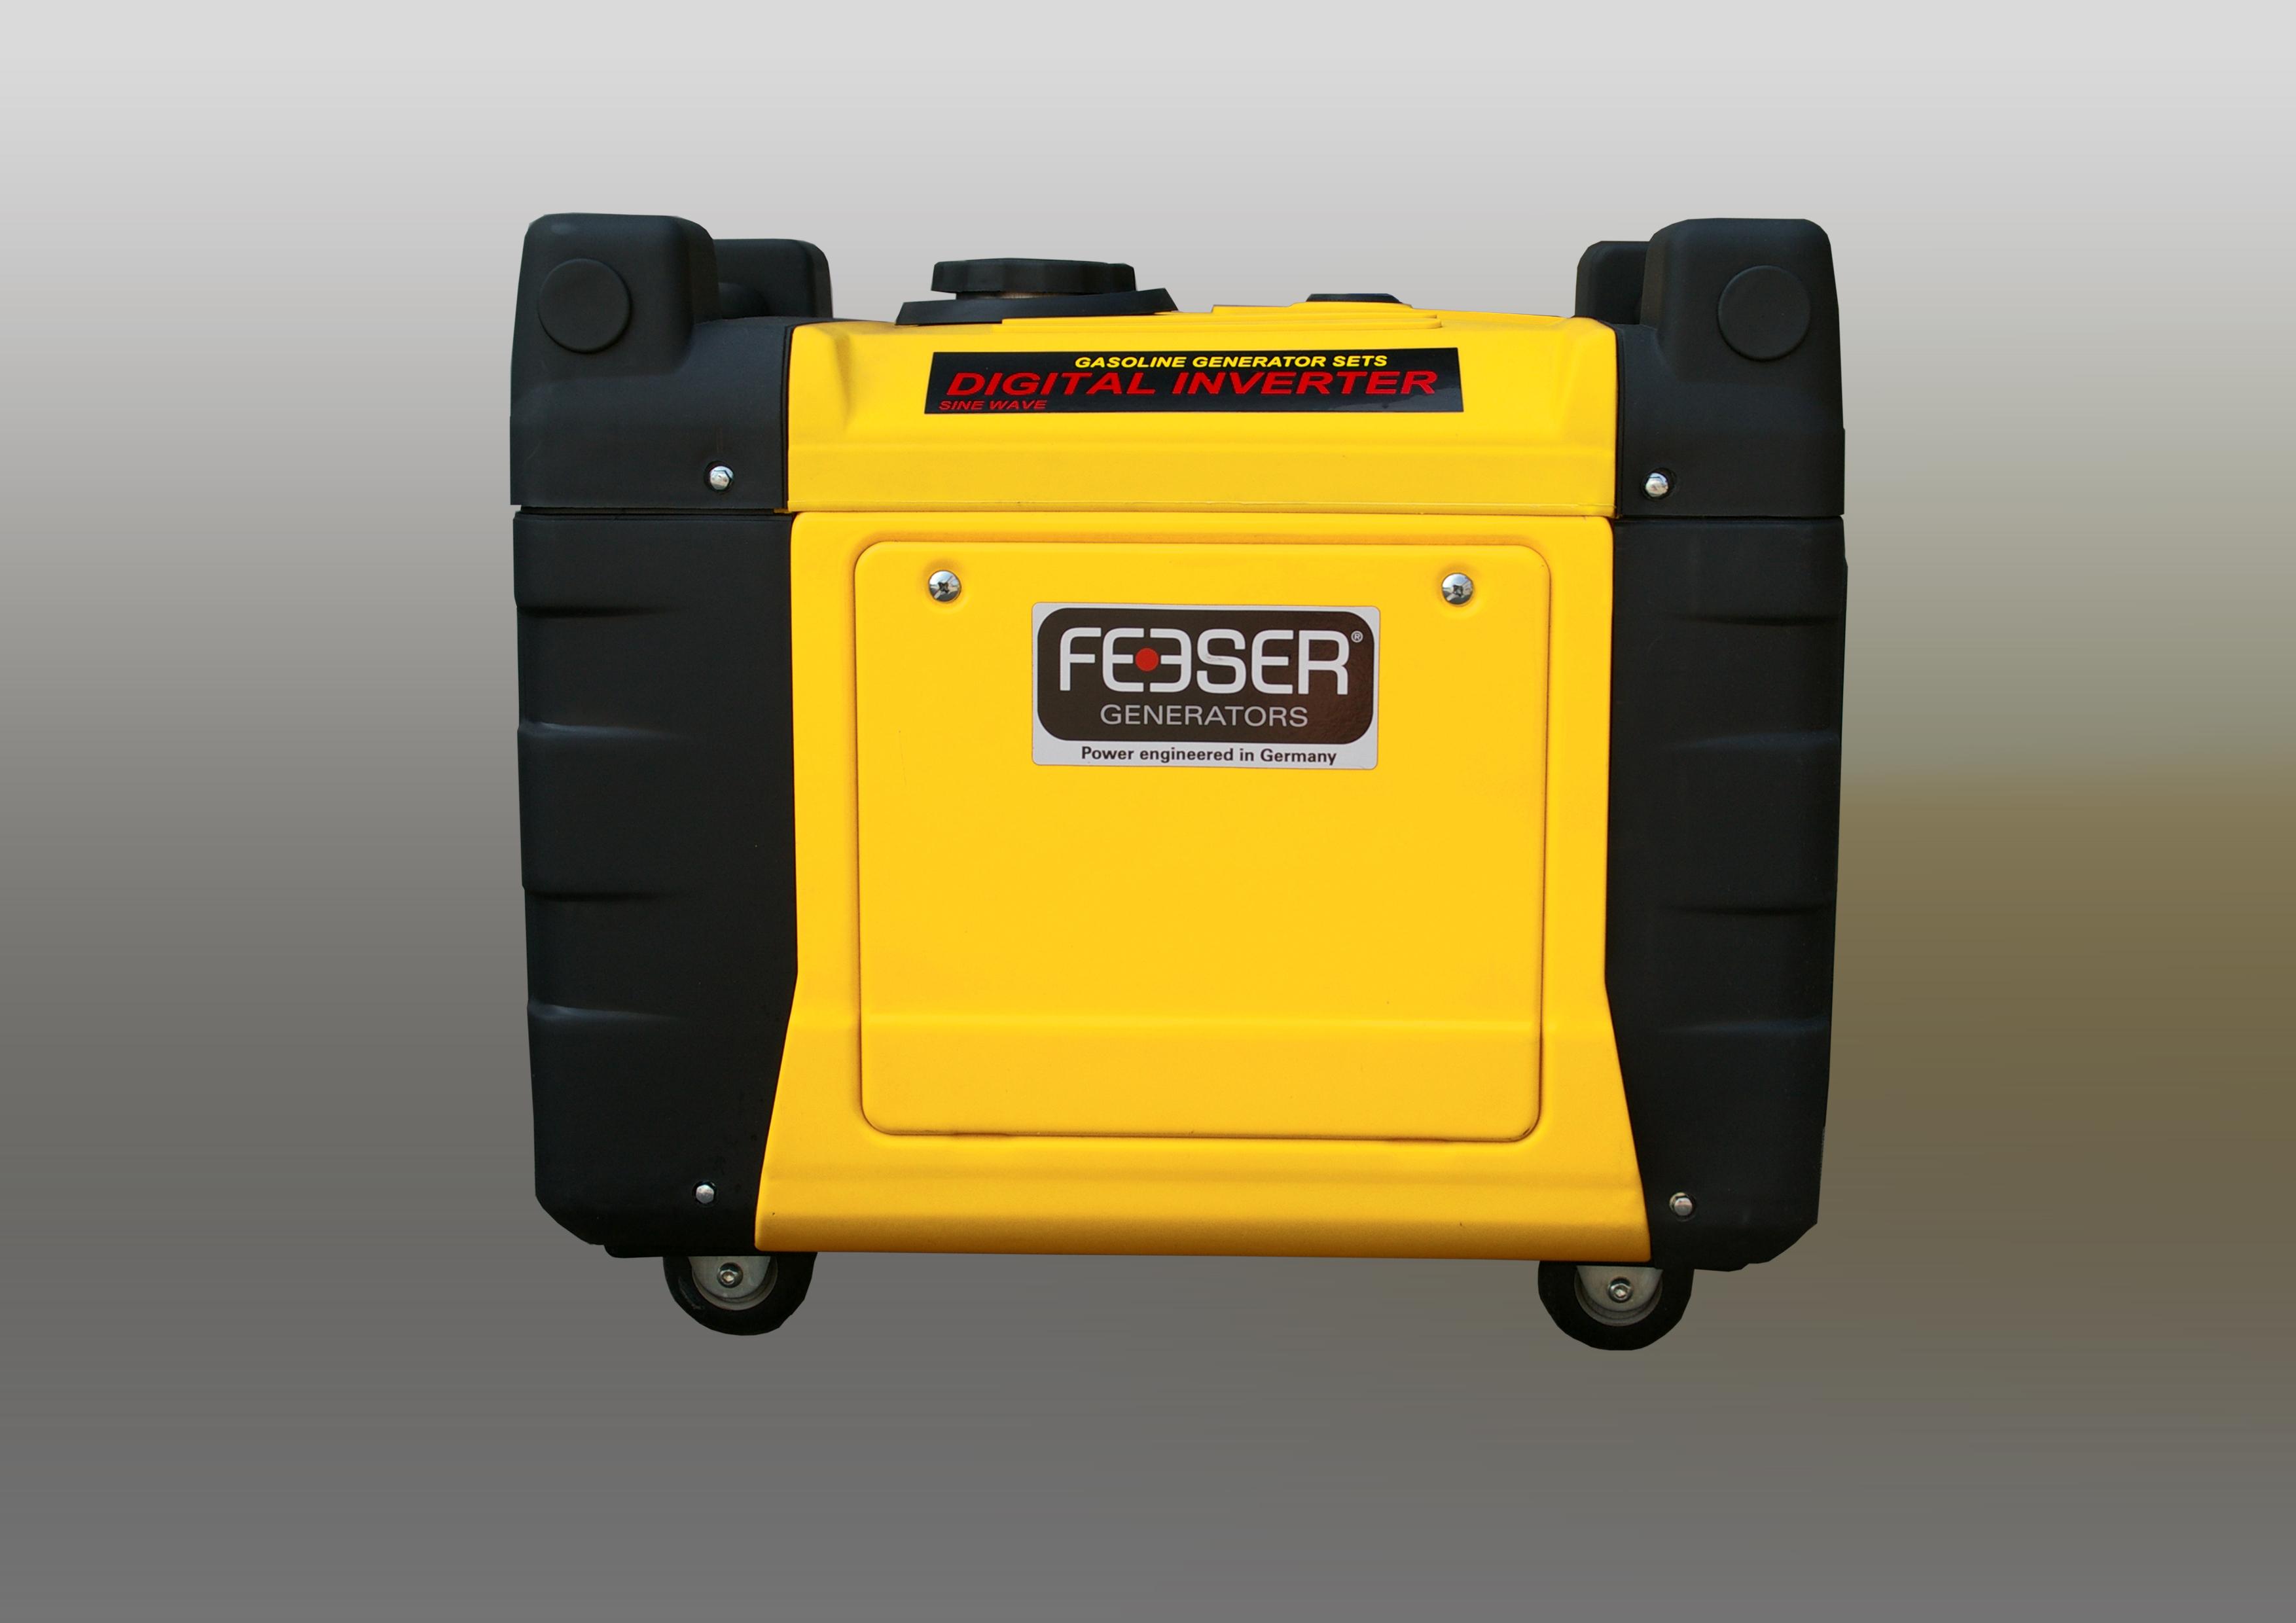 P-IB-4000-RE-mit-Hintergrund5ee093bbecf06